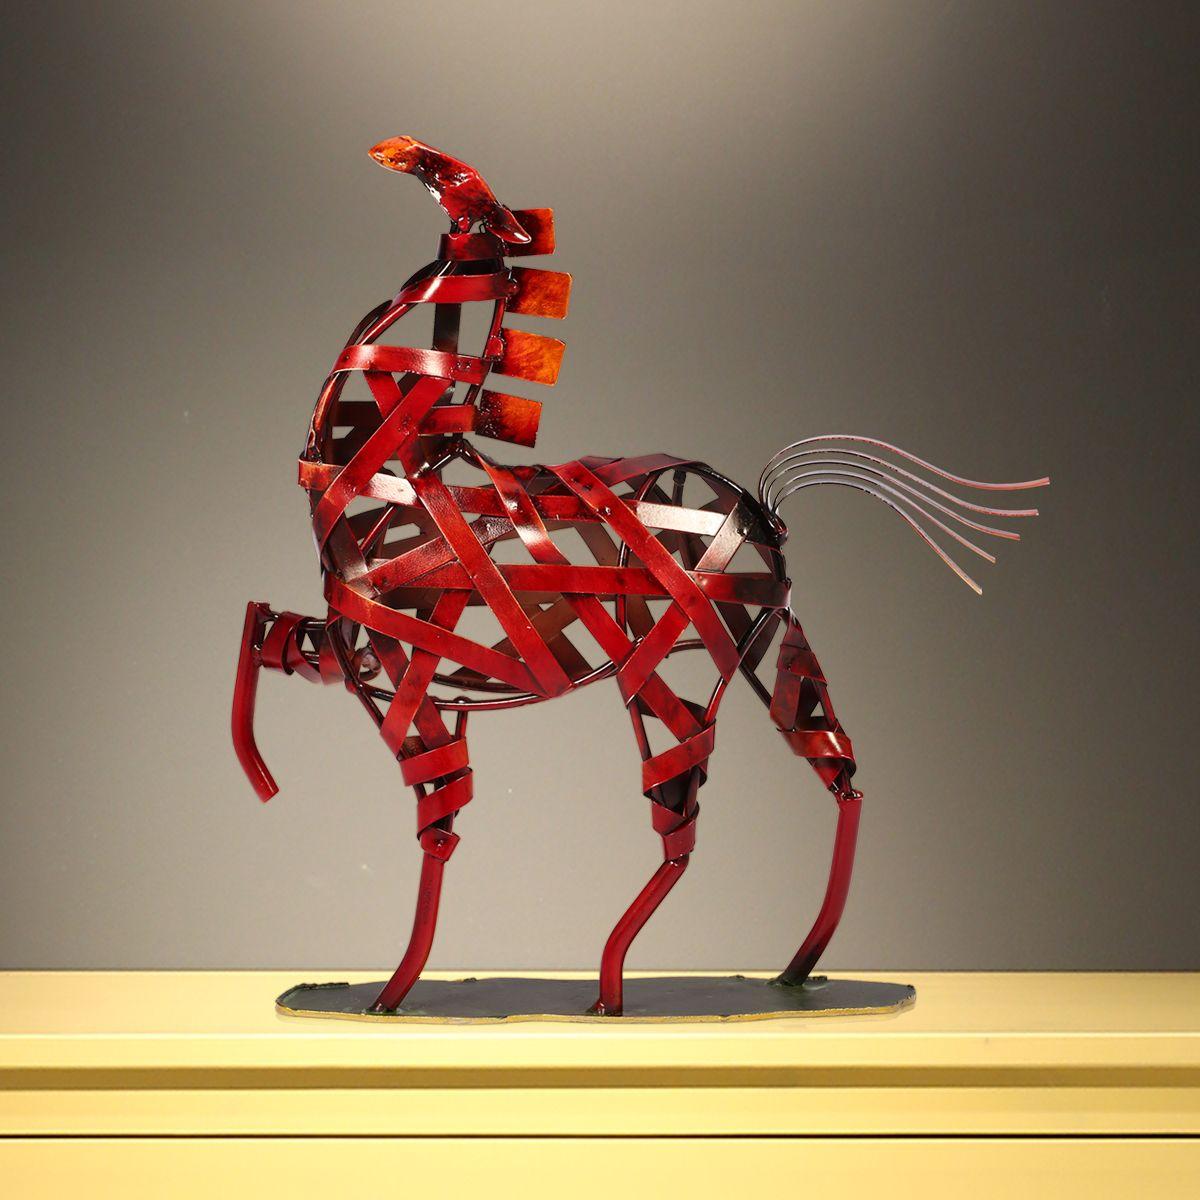 100% Wahr Tooarts Metall Geflochtene Pferd Kunstwerk Skulptur Eisen Weben Pferd Einrichtungs Artikel Handwerk Vintage Ornament Dekor Verpackung Der Nominierten Marke